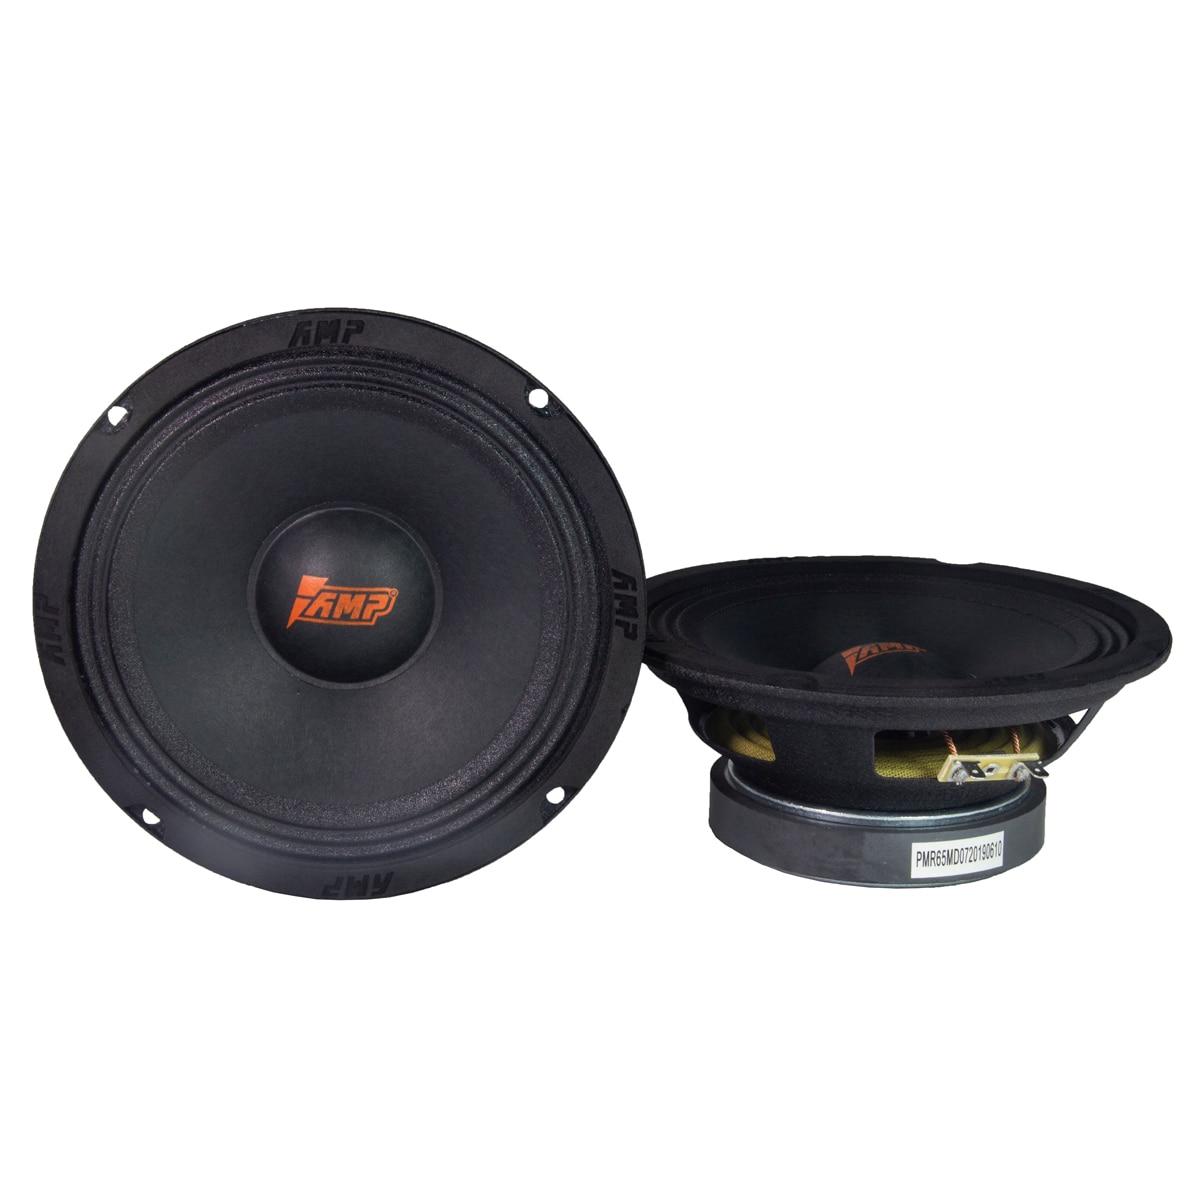 Amplificador PRO MR65MD altavoces de audio para coche midrange 90W 4Ohm 6,5 pulgadas